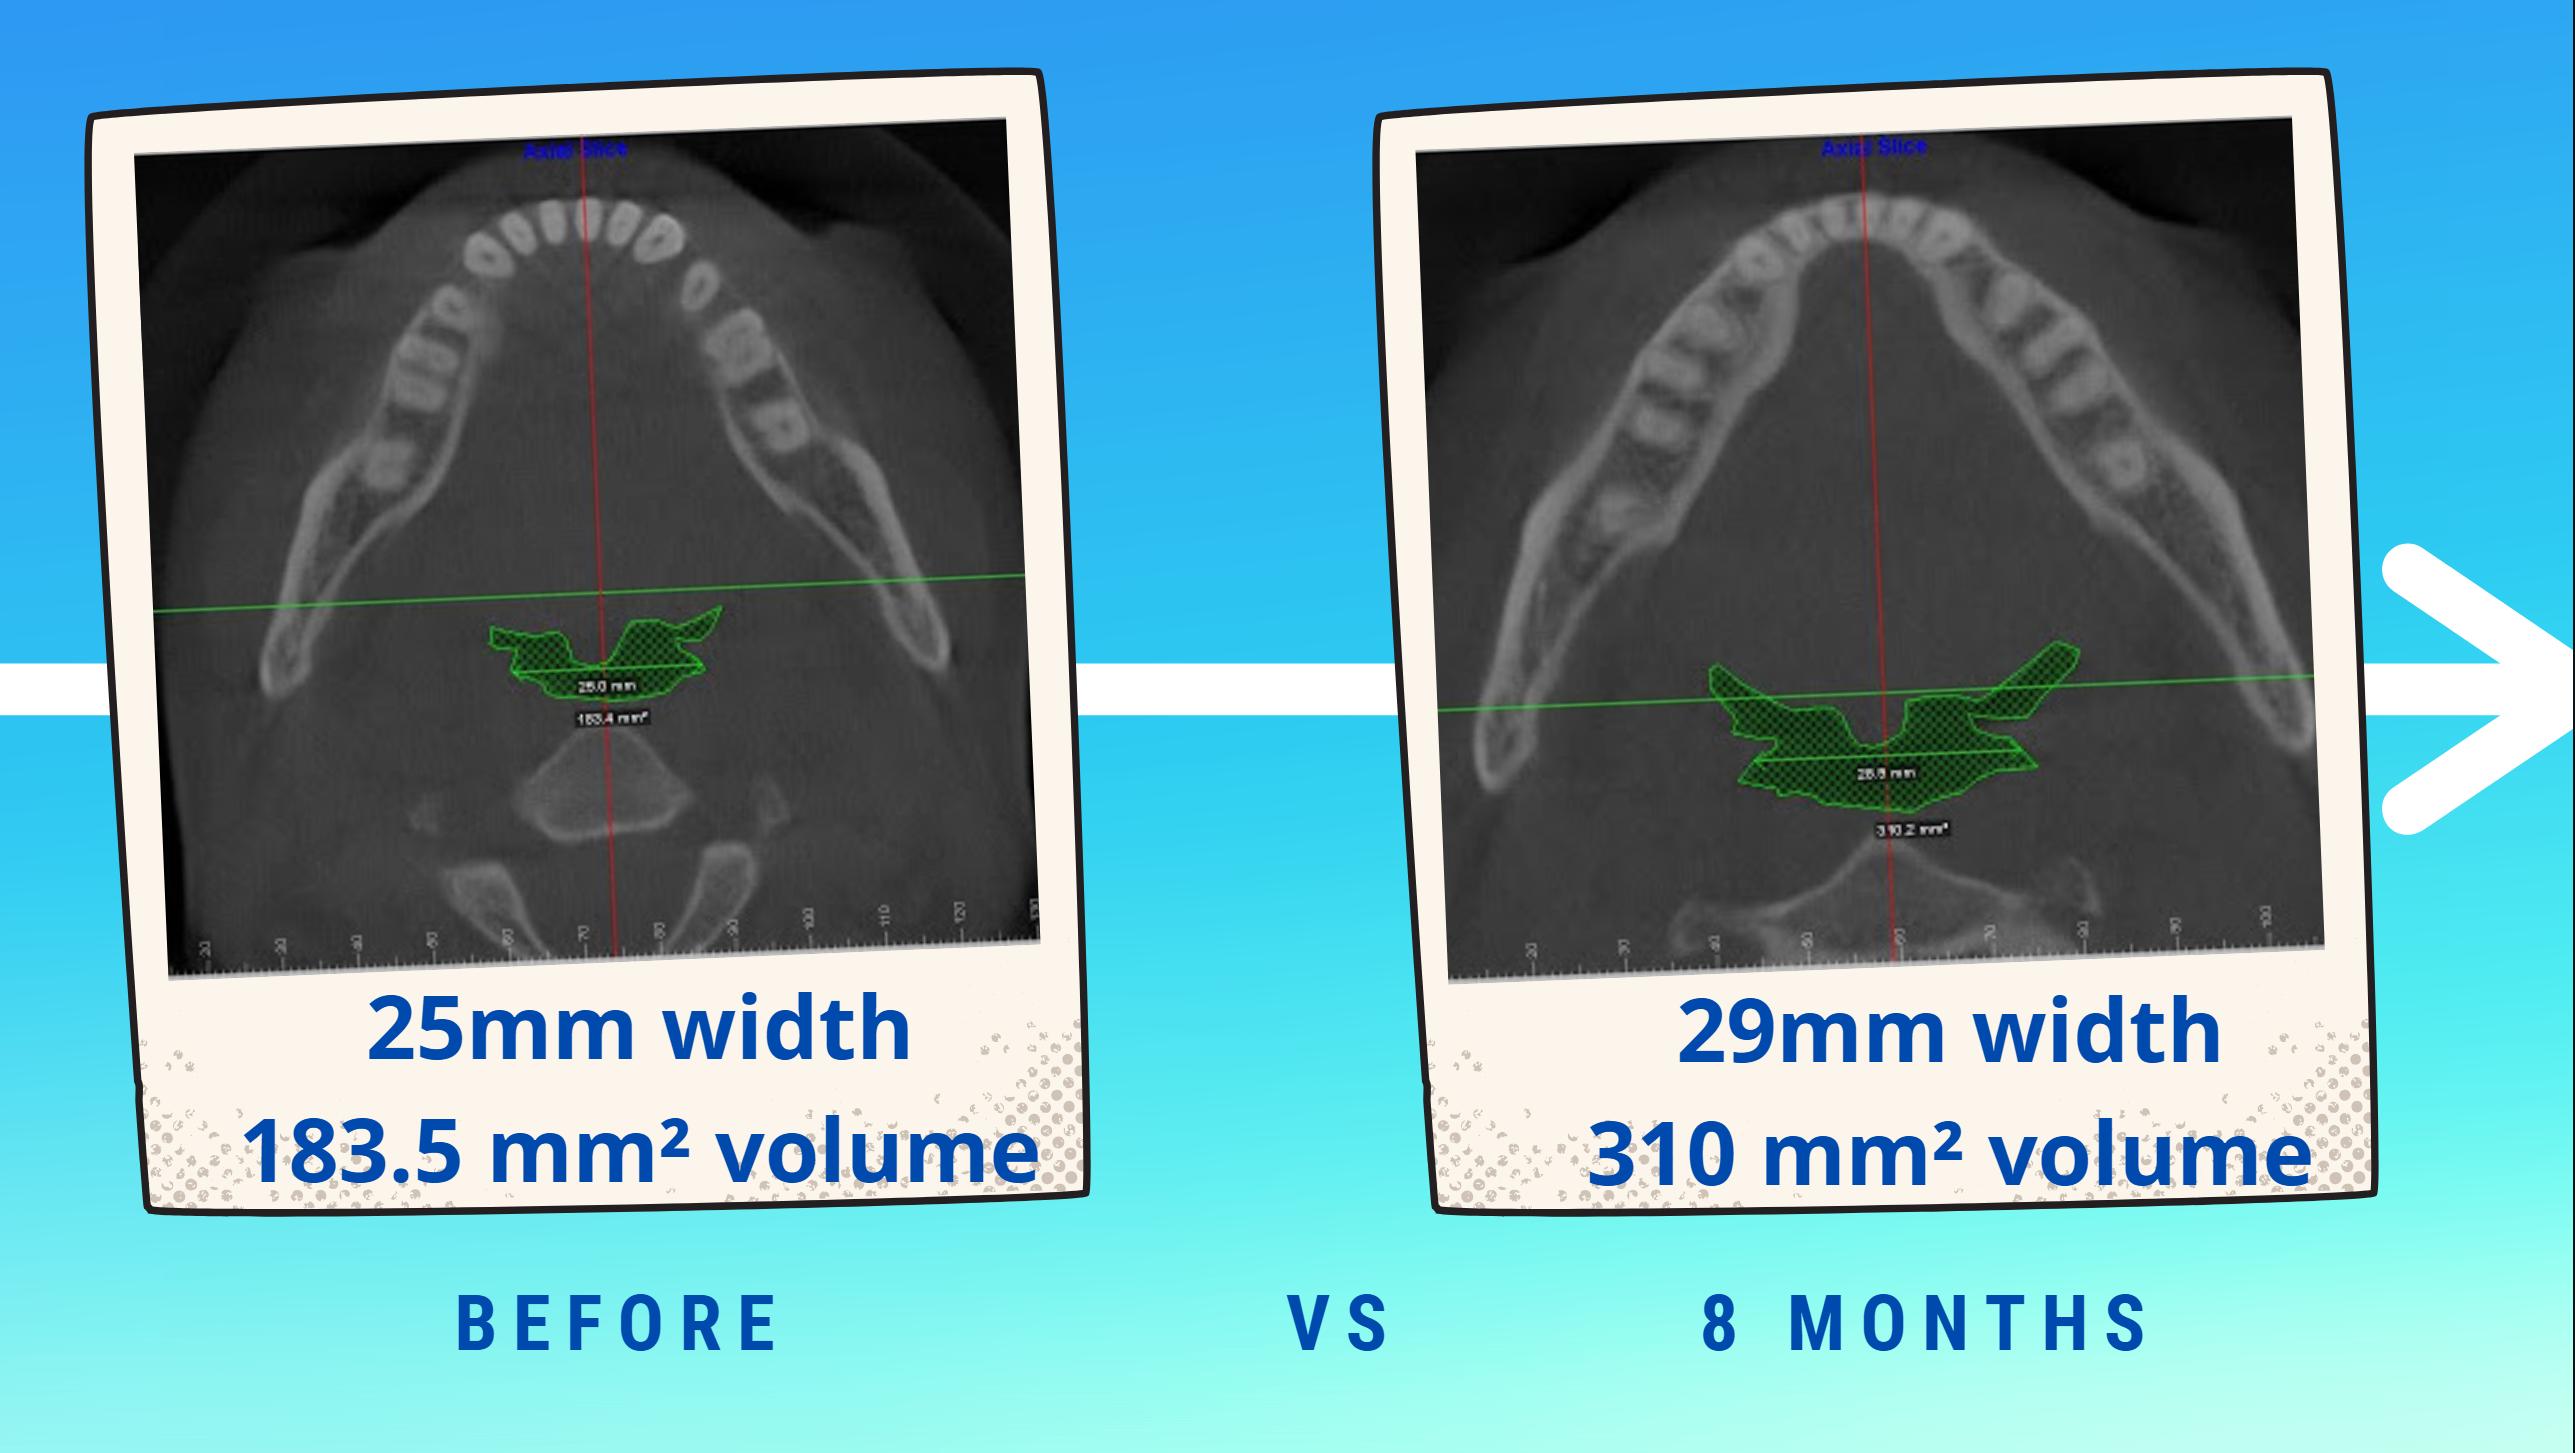 Upper airway volume increase